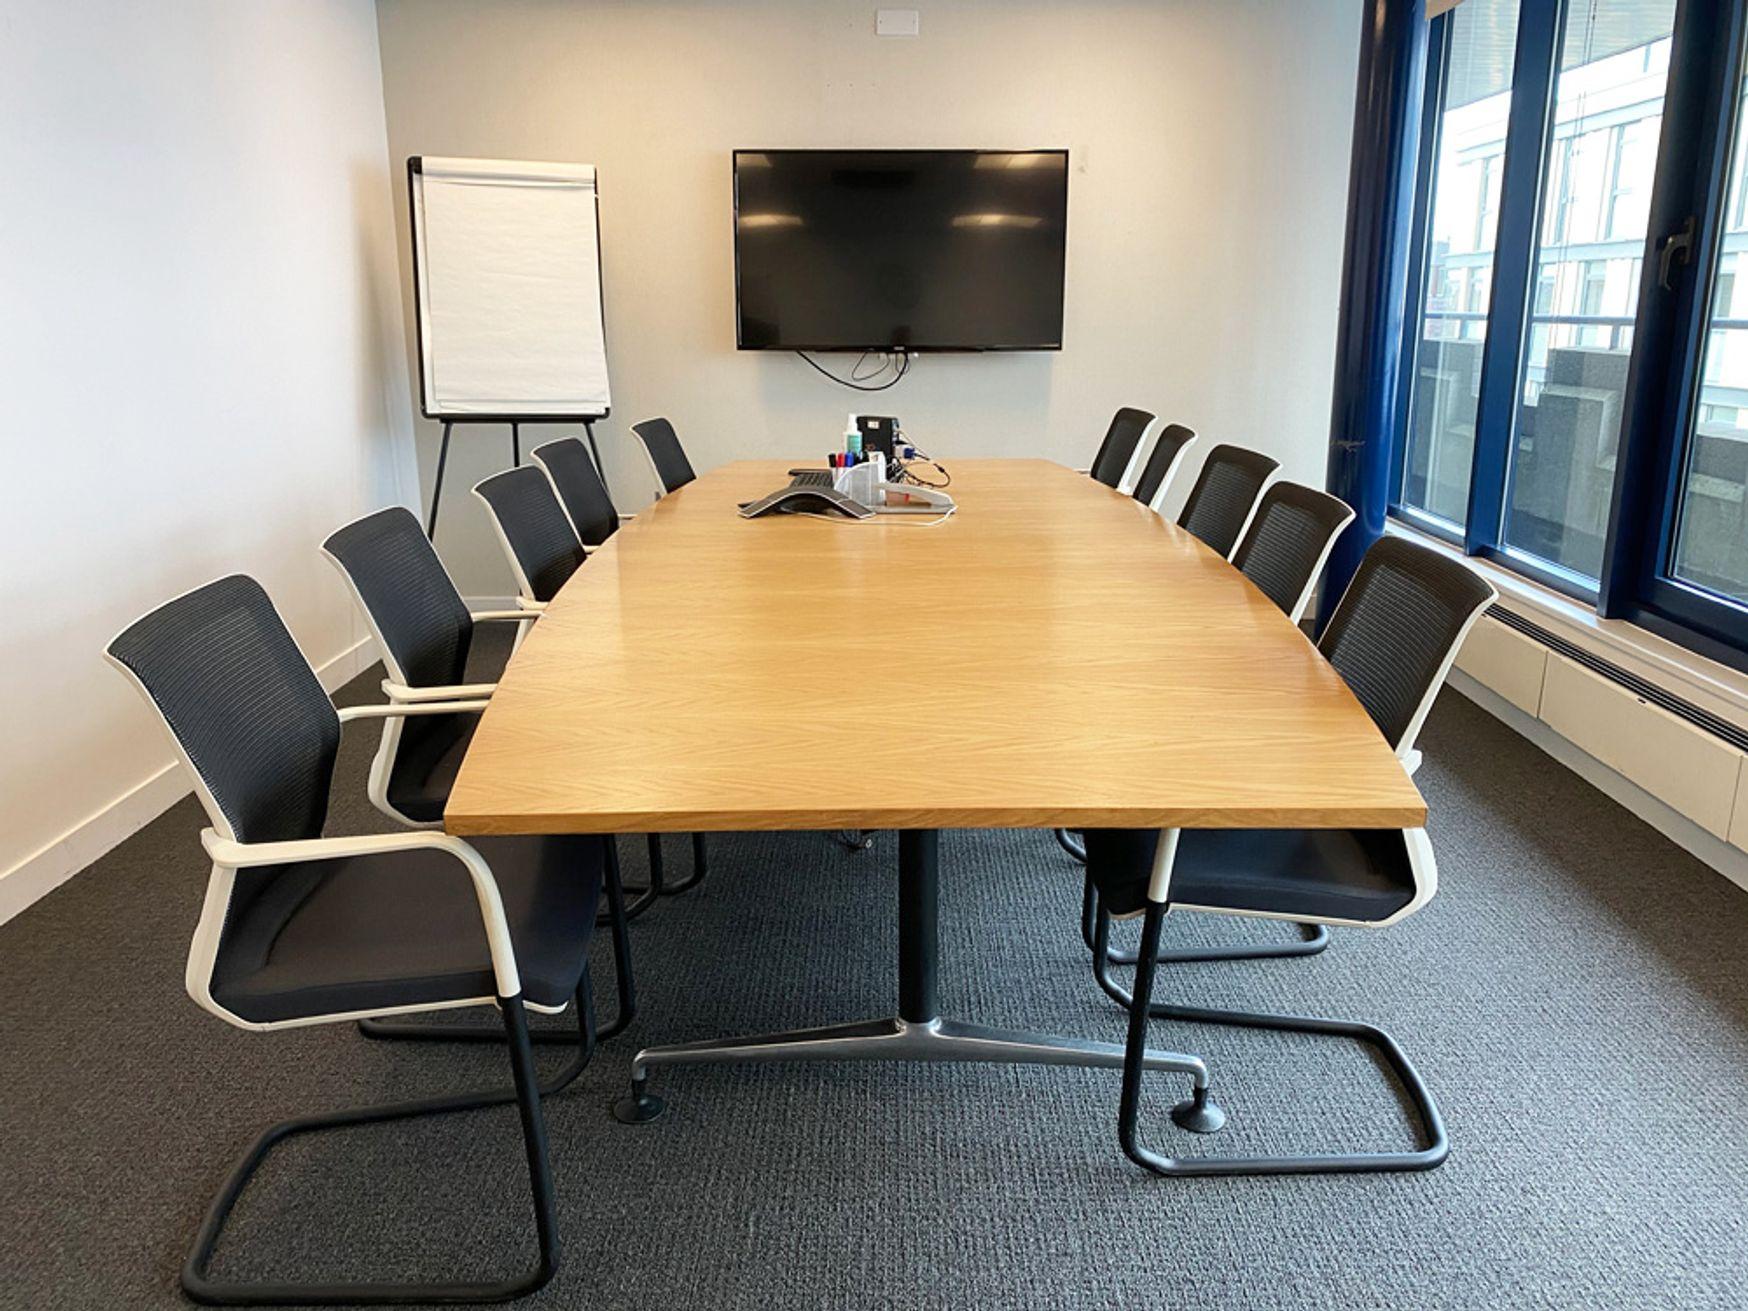 Used oak veneer barrel-shaped meeting table